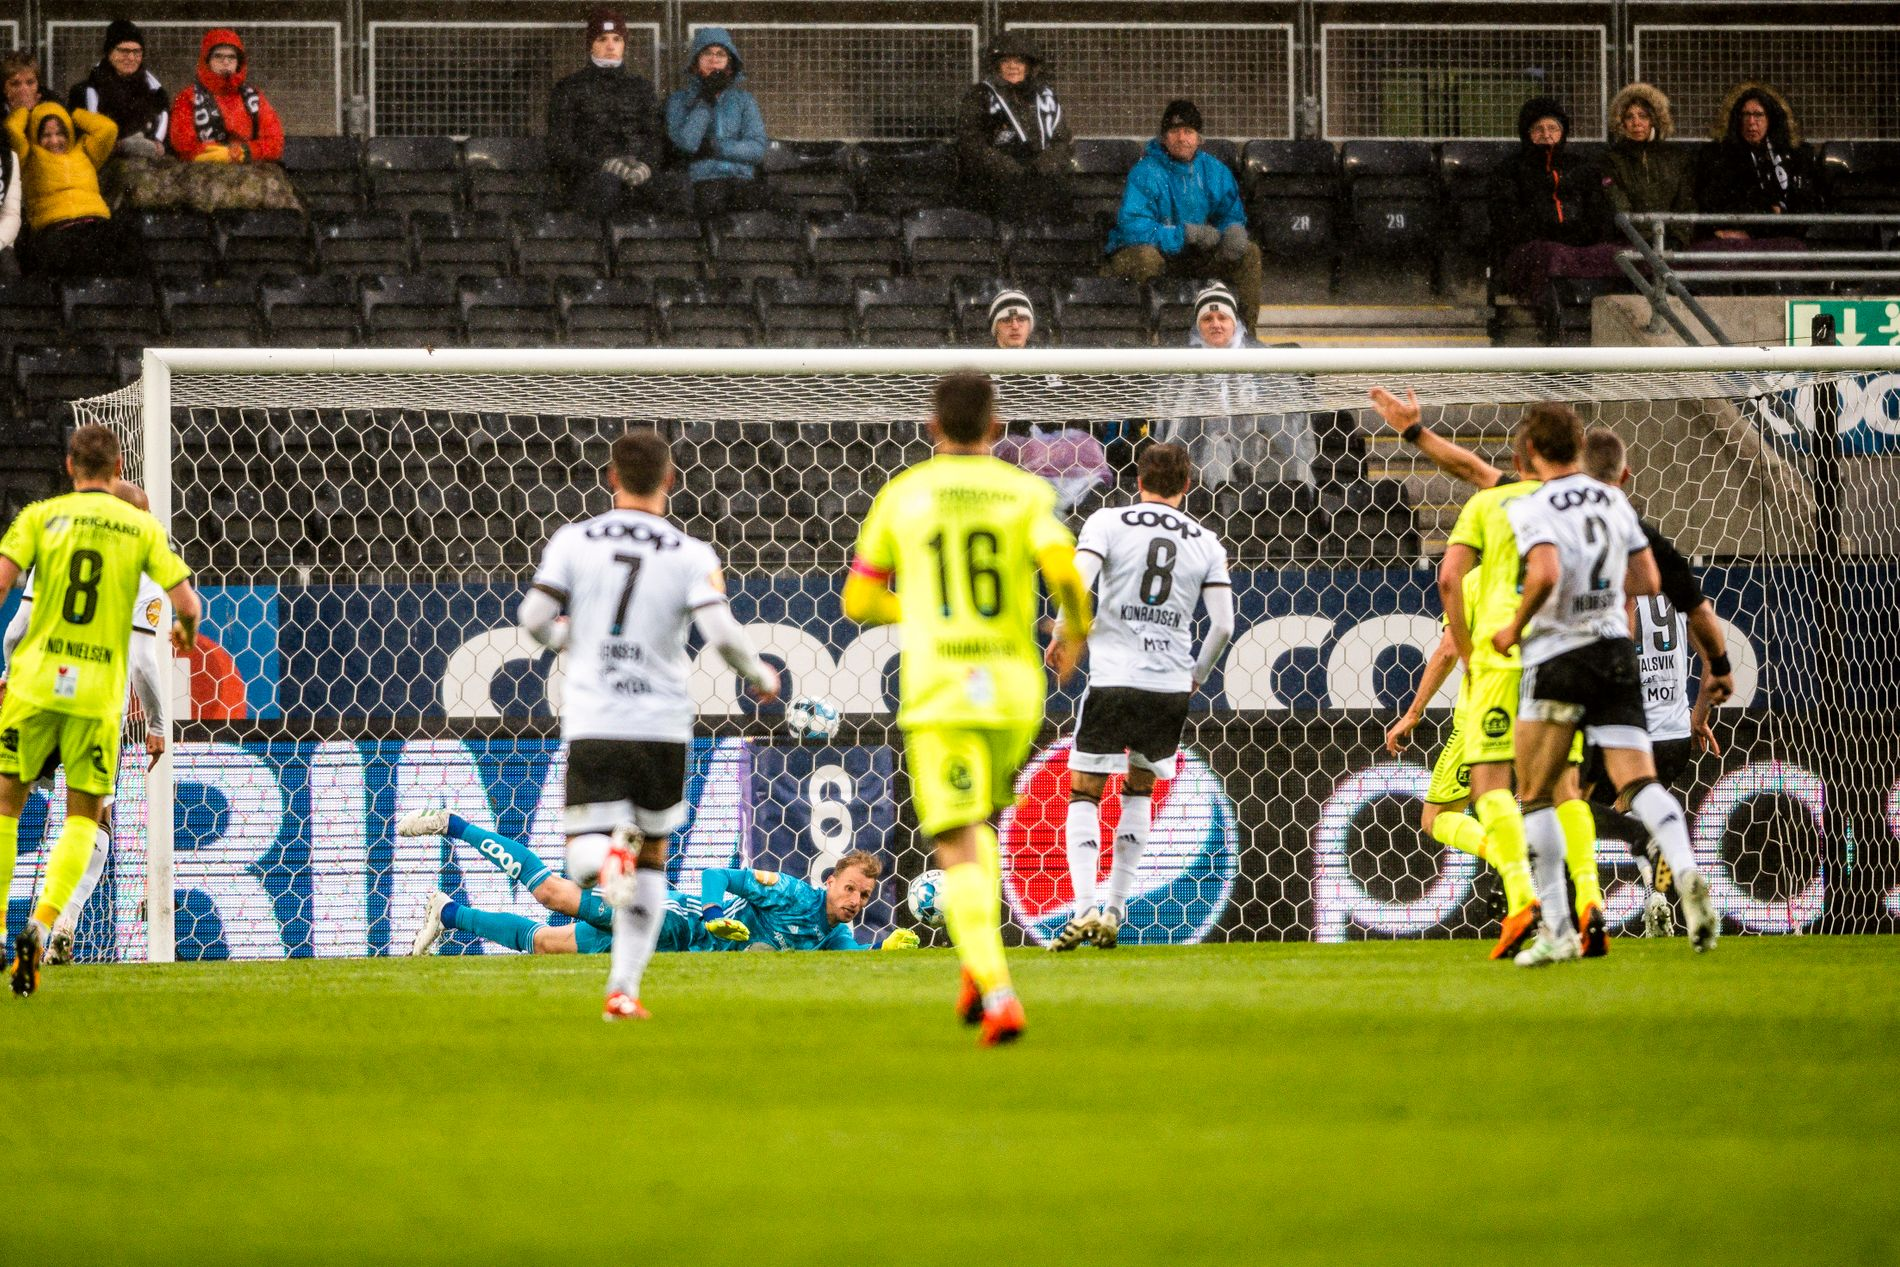 NÆRE PÅ: Rosenborgs keeper André Hansen redder på strek, og Gustav Valsvik tar seg av returen i oppgjøret mellom  Rosenborg og Sarpsborg 08 på Lerkendal Stadion.